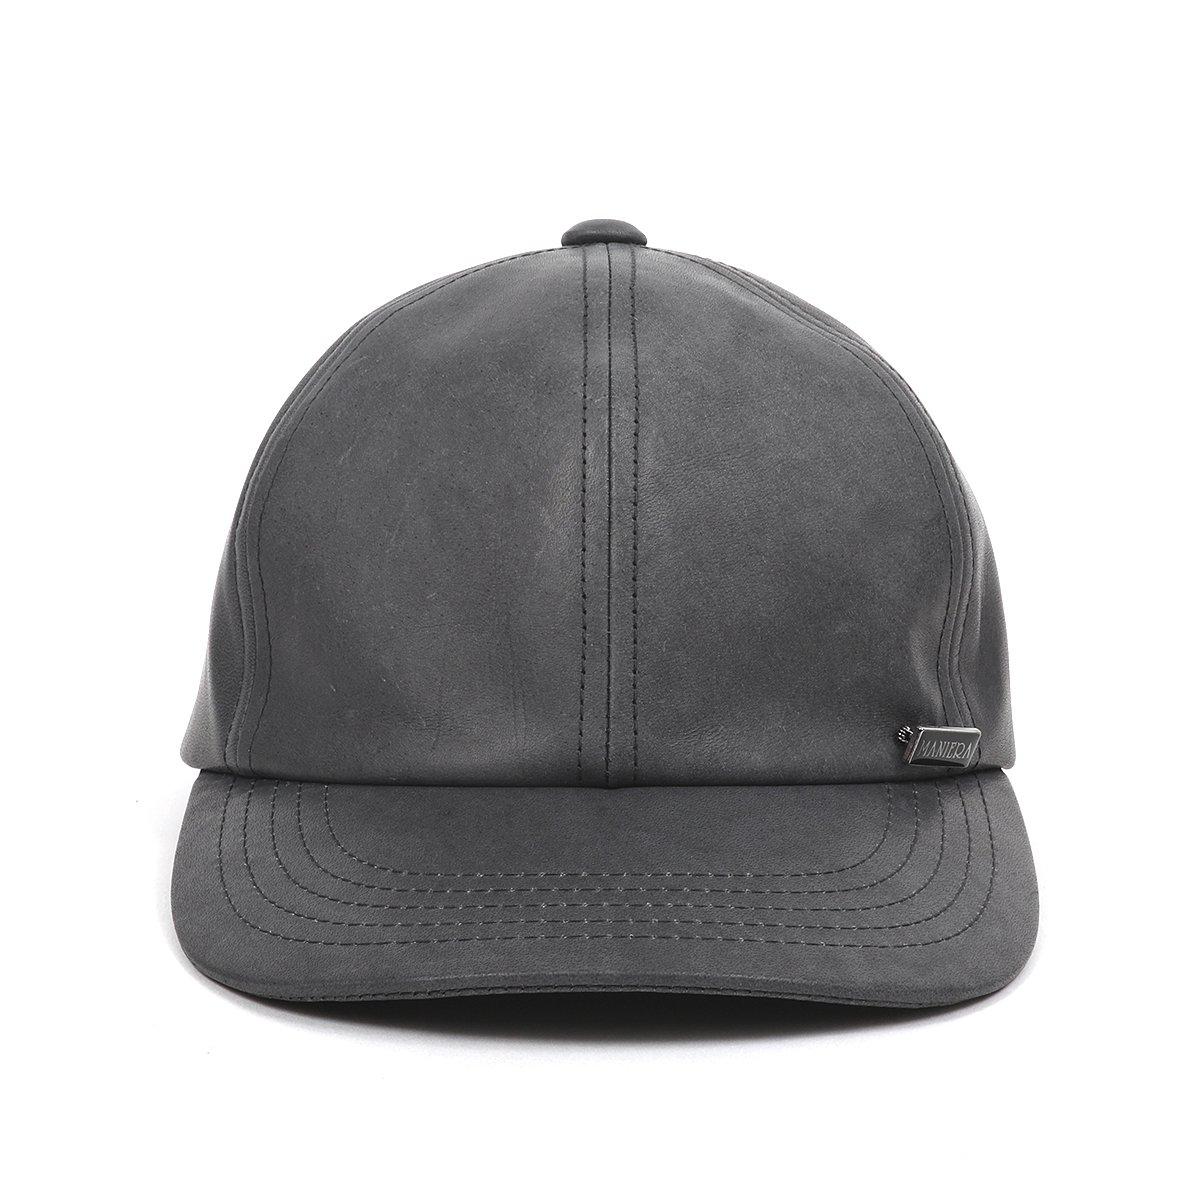 【SALE】LEATHER CAP 詳細画像2